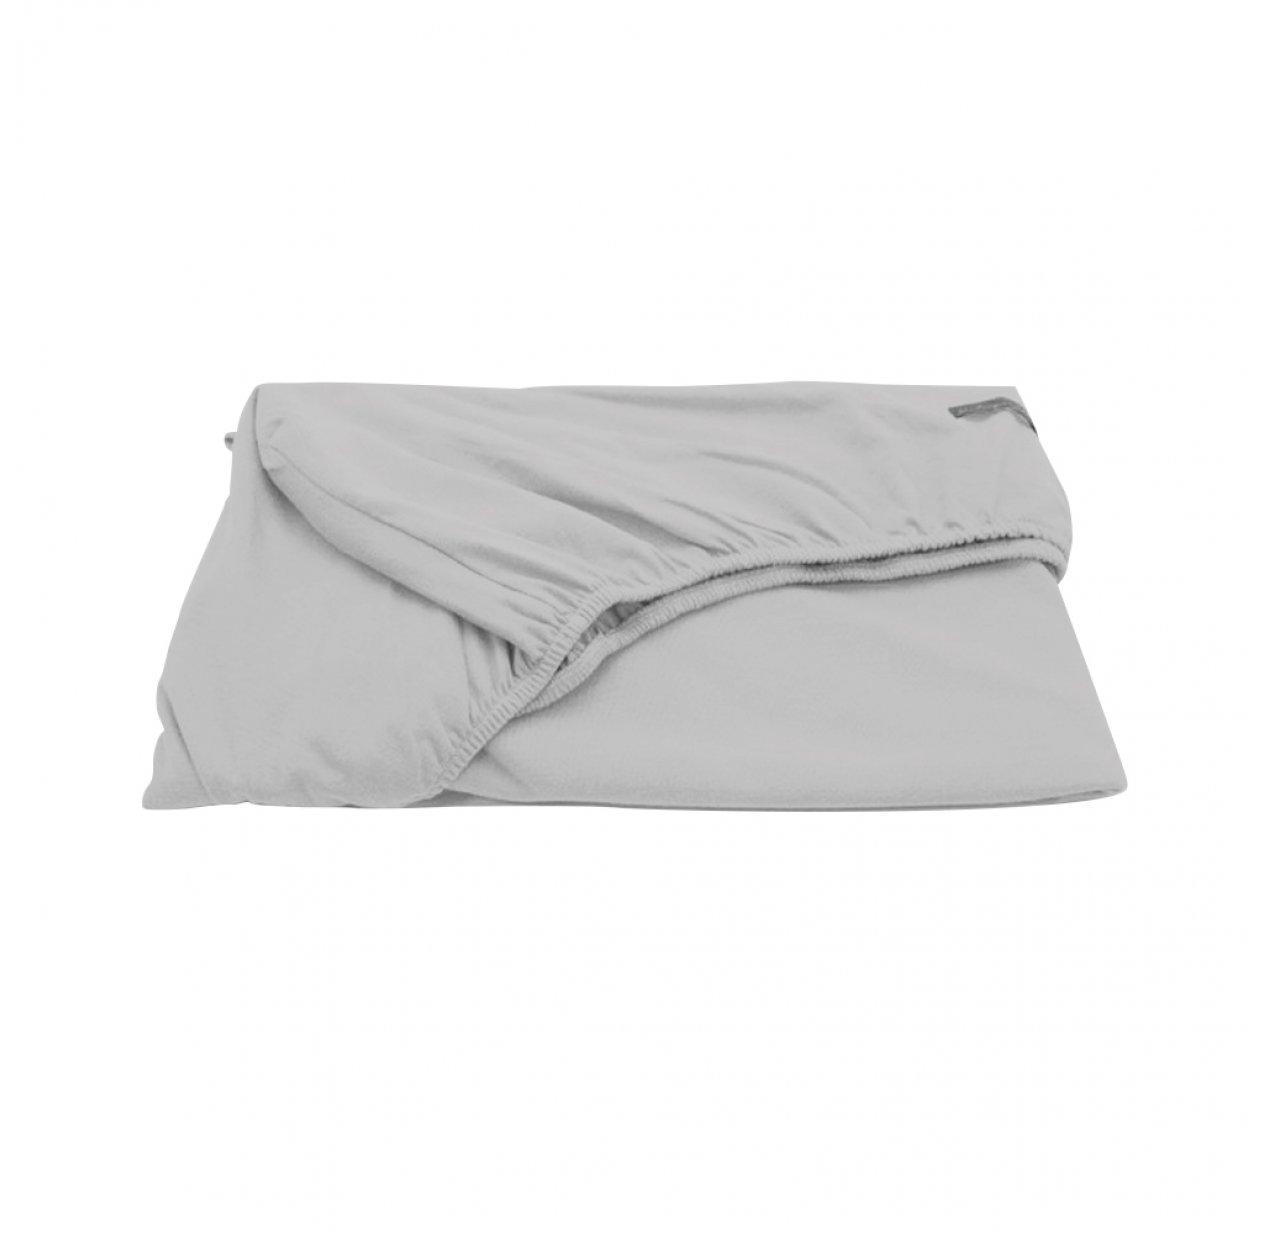 drap housse 90x200 gris clair jack n 39 a qu 39 un oeil pour chambre enfant les enfants du design. Black Bedroom Furniture Sets. Home Design Ideas